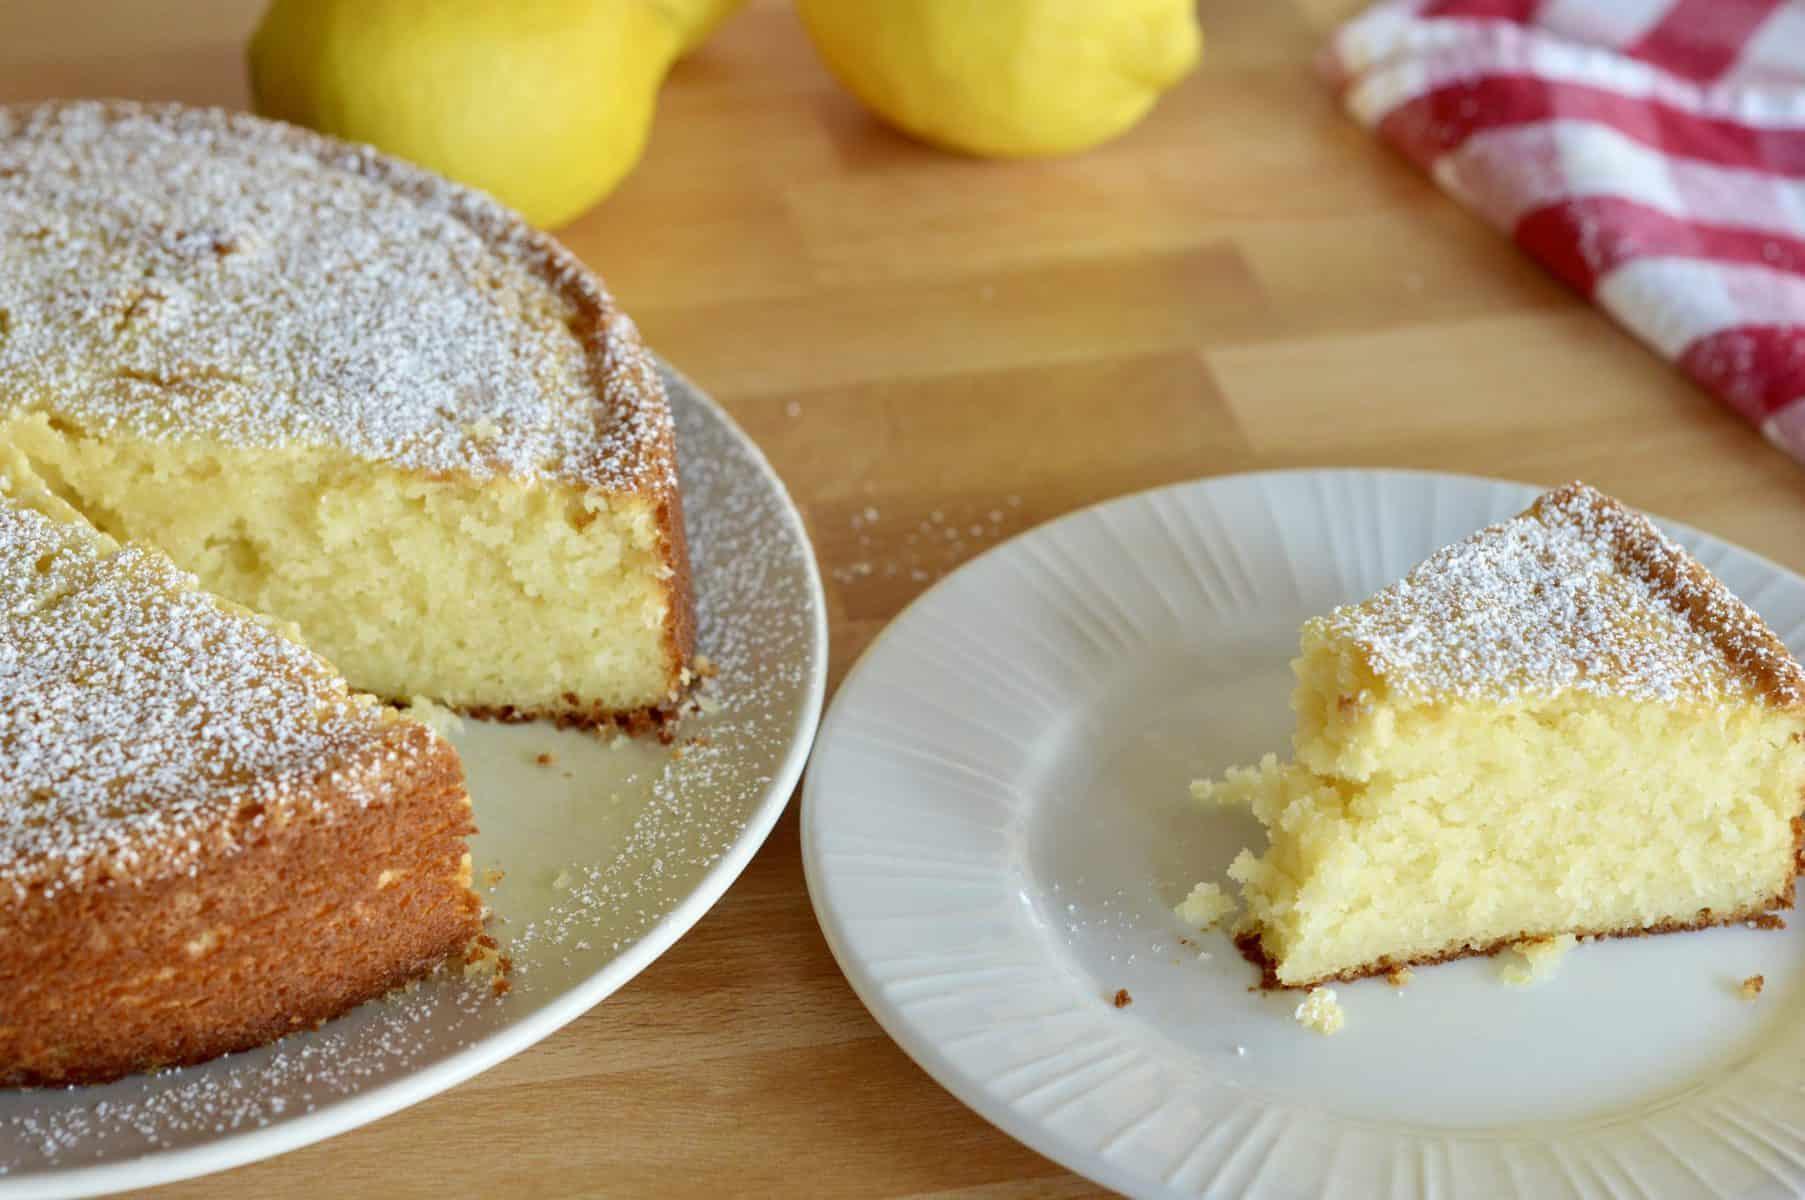 Italian Lemon Ricotta Cake on a white plate.